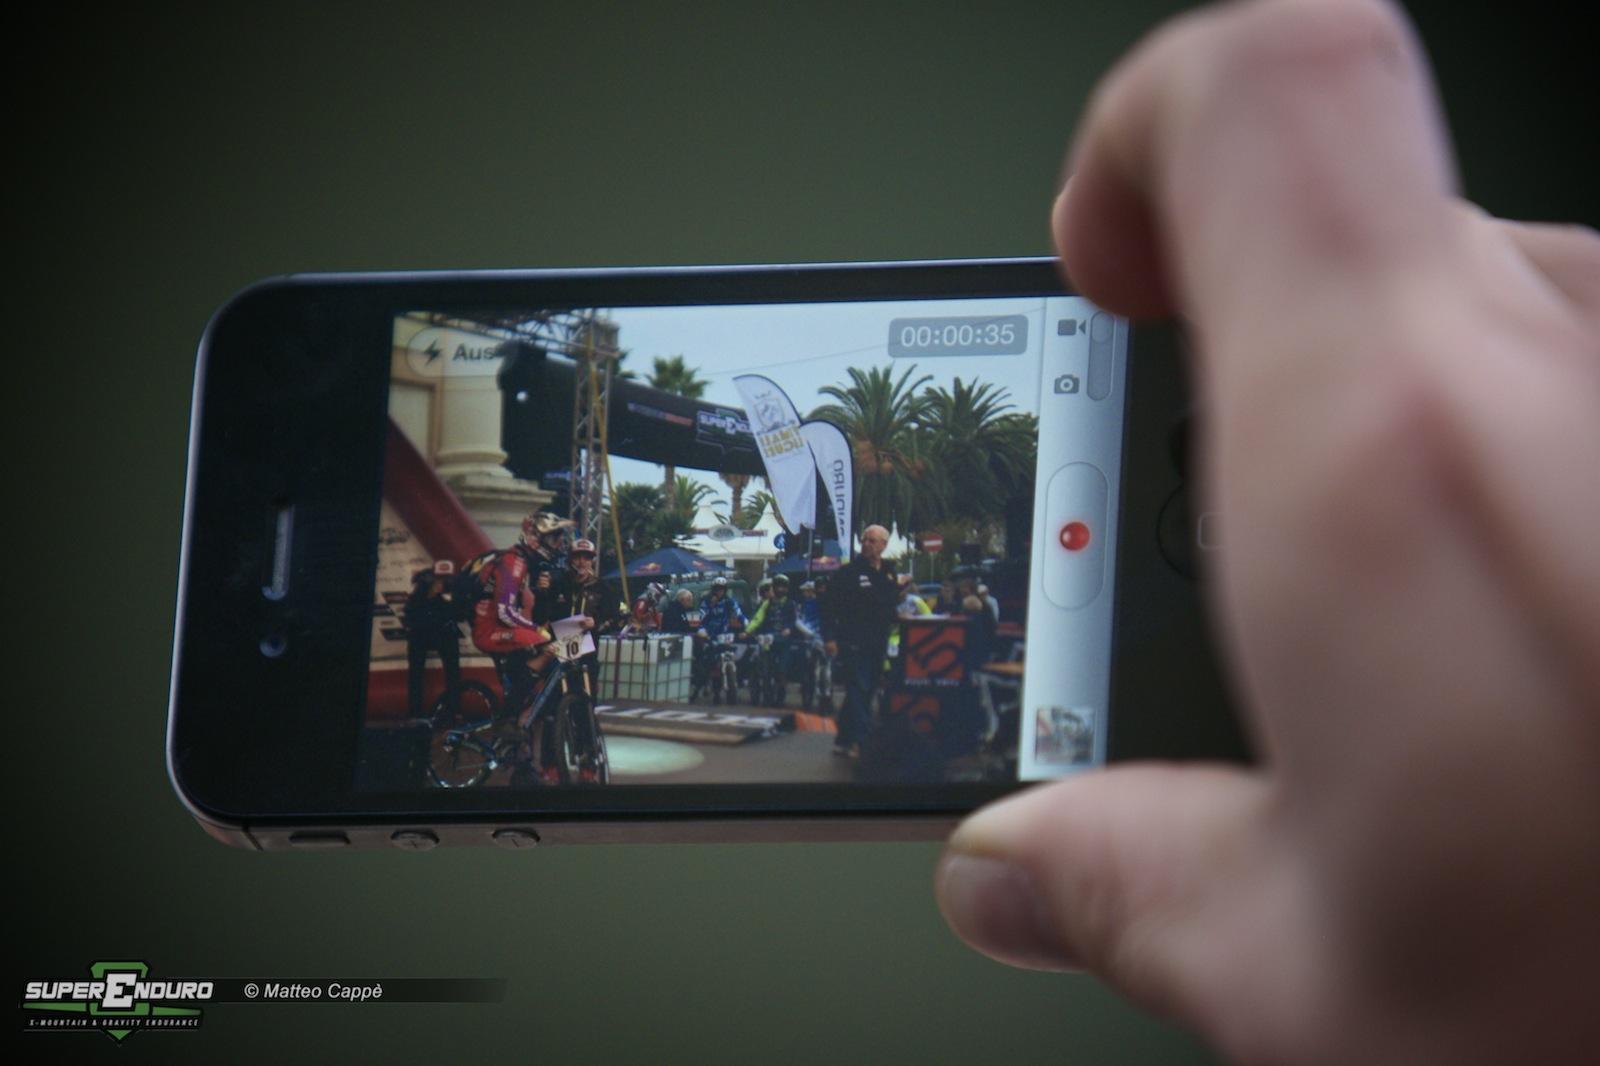 Ogni persona che è stata a questo evento non ha saputo resistere nel fare foto e vodeo sia con la propria macchina fotografica ma soprattutto con il proprio smart phone!